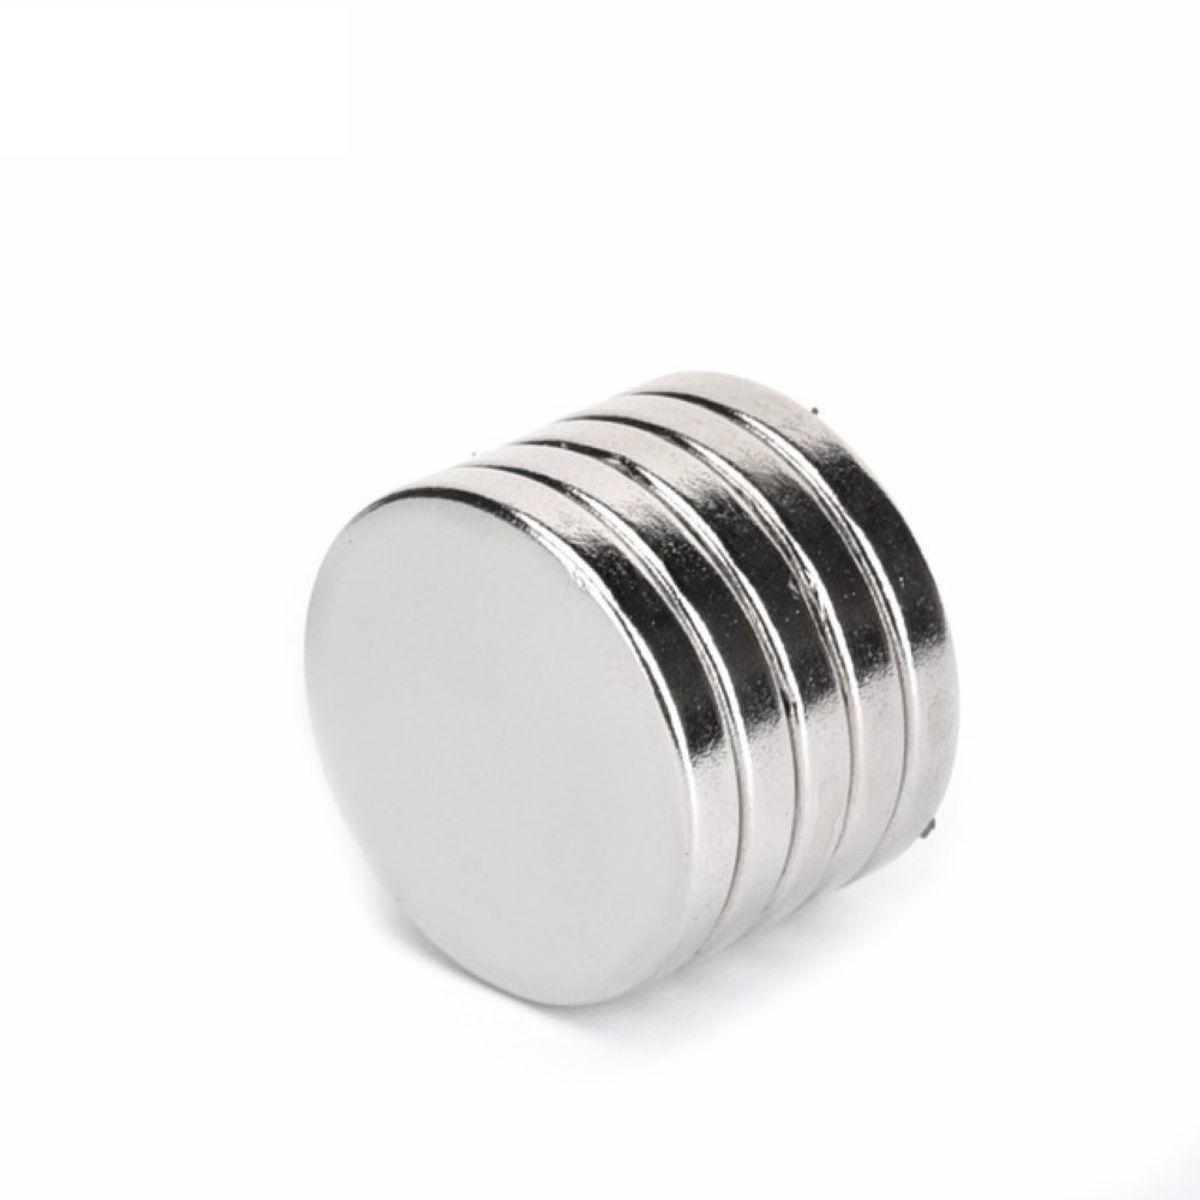 Neodym Magnete 5 x 2 mm Supermagnete hohe Haftkraft Scheibenmagnet N35 50 Stück